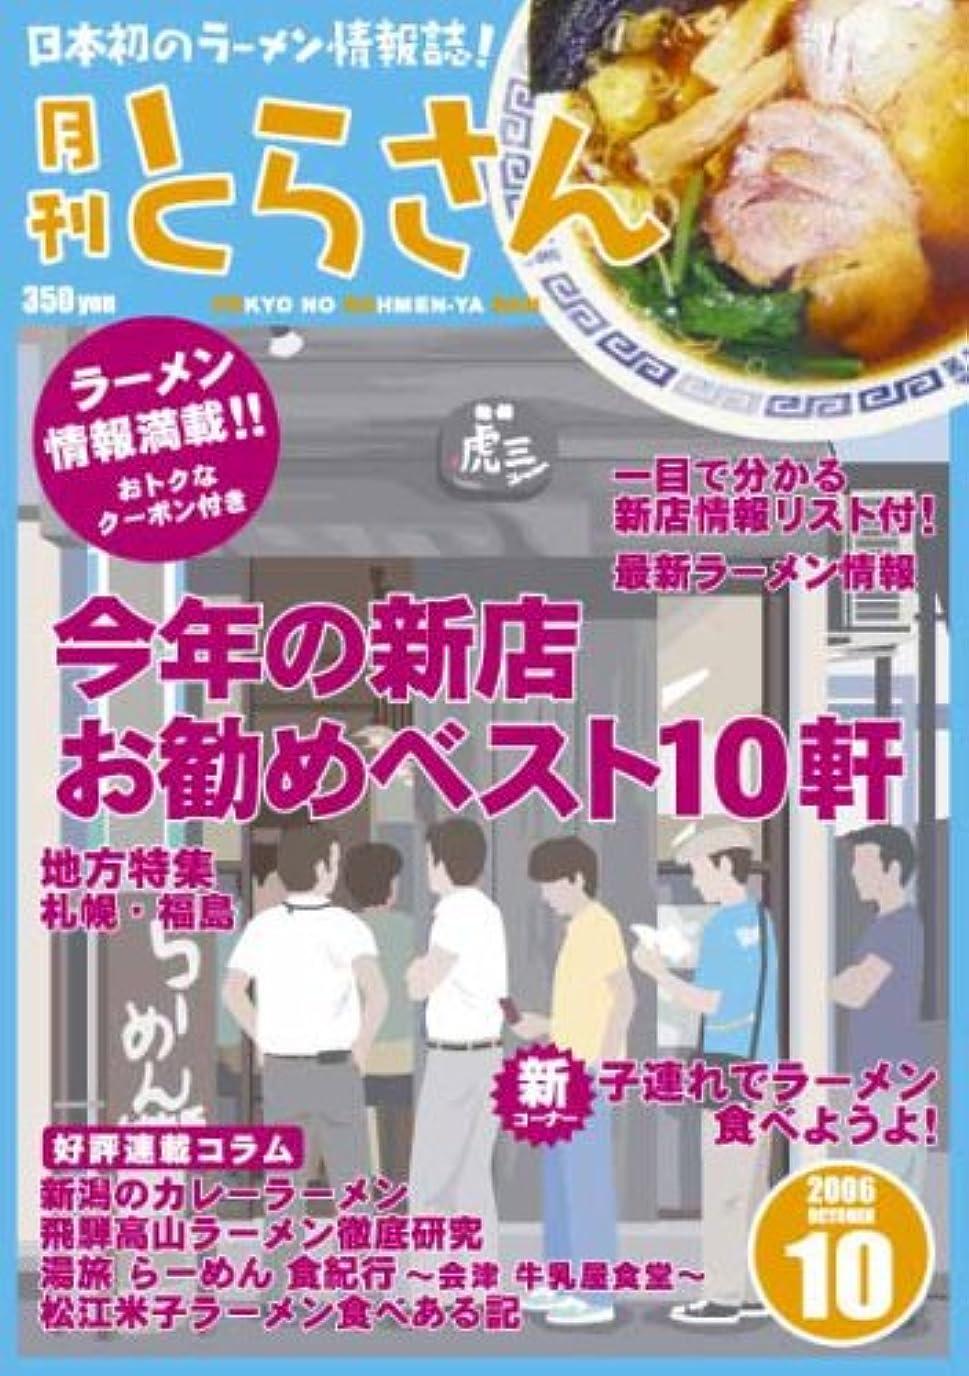 思い出絵首相日本初のラーメン情報誌 月刊とらさん 10月号